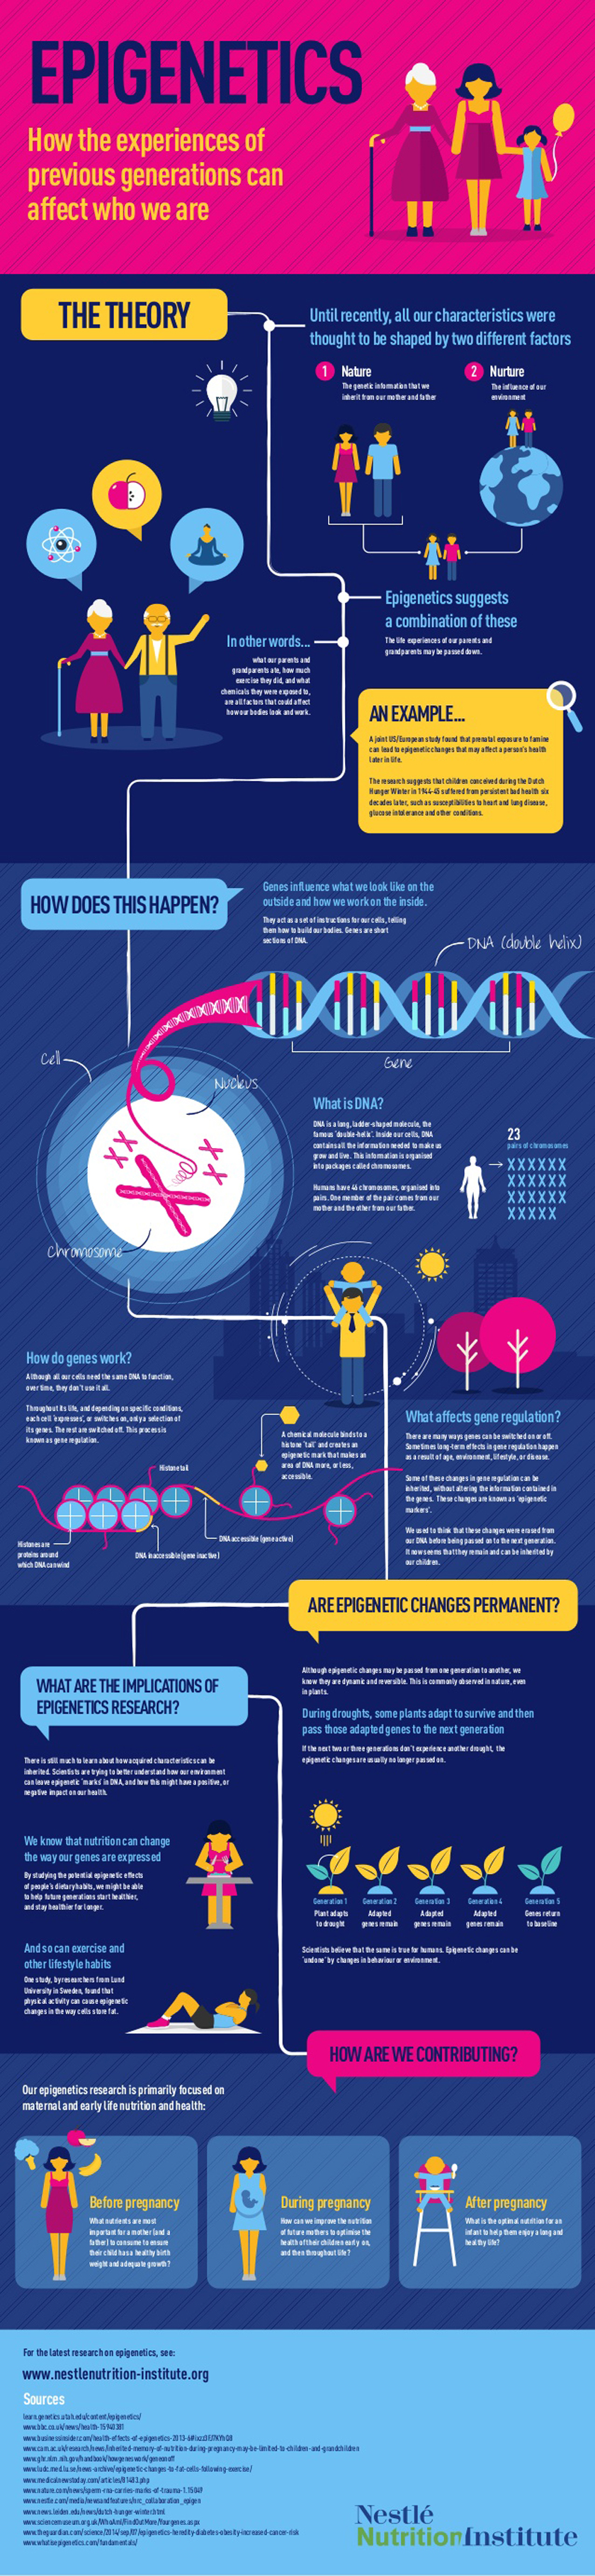 Epigenetics Infographic